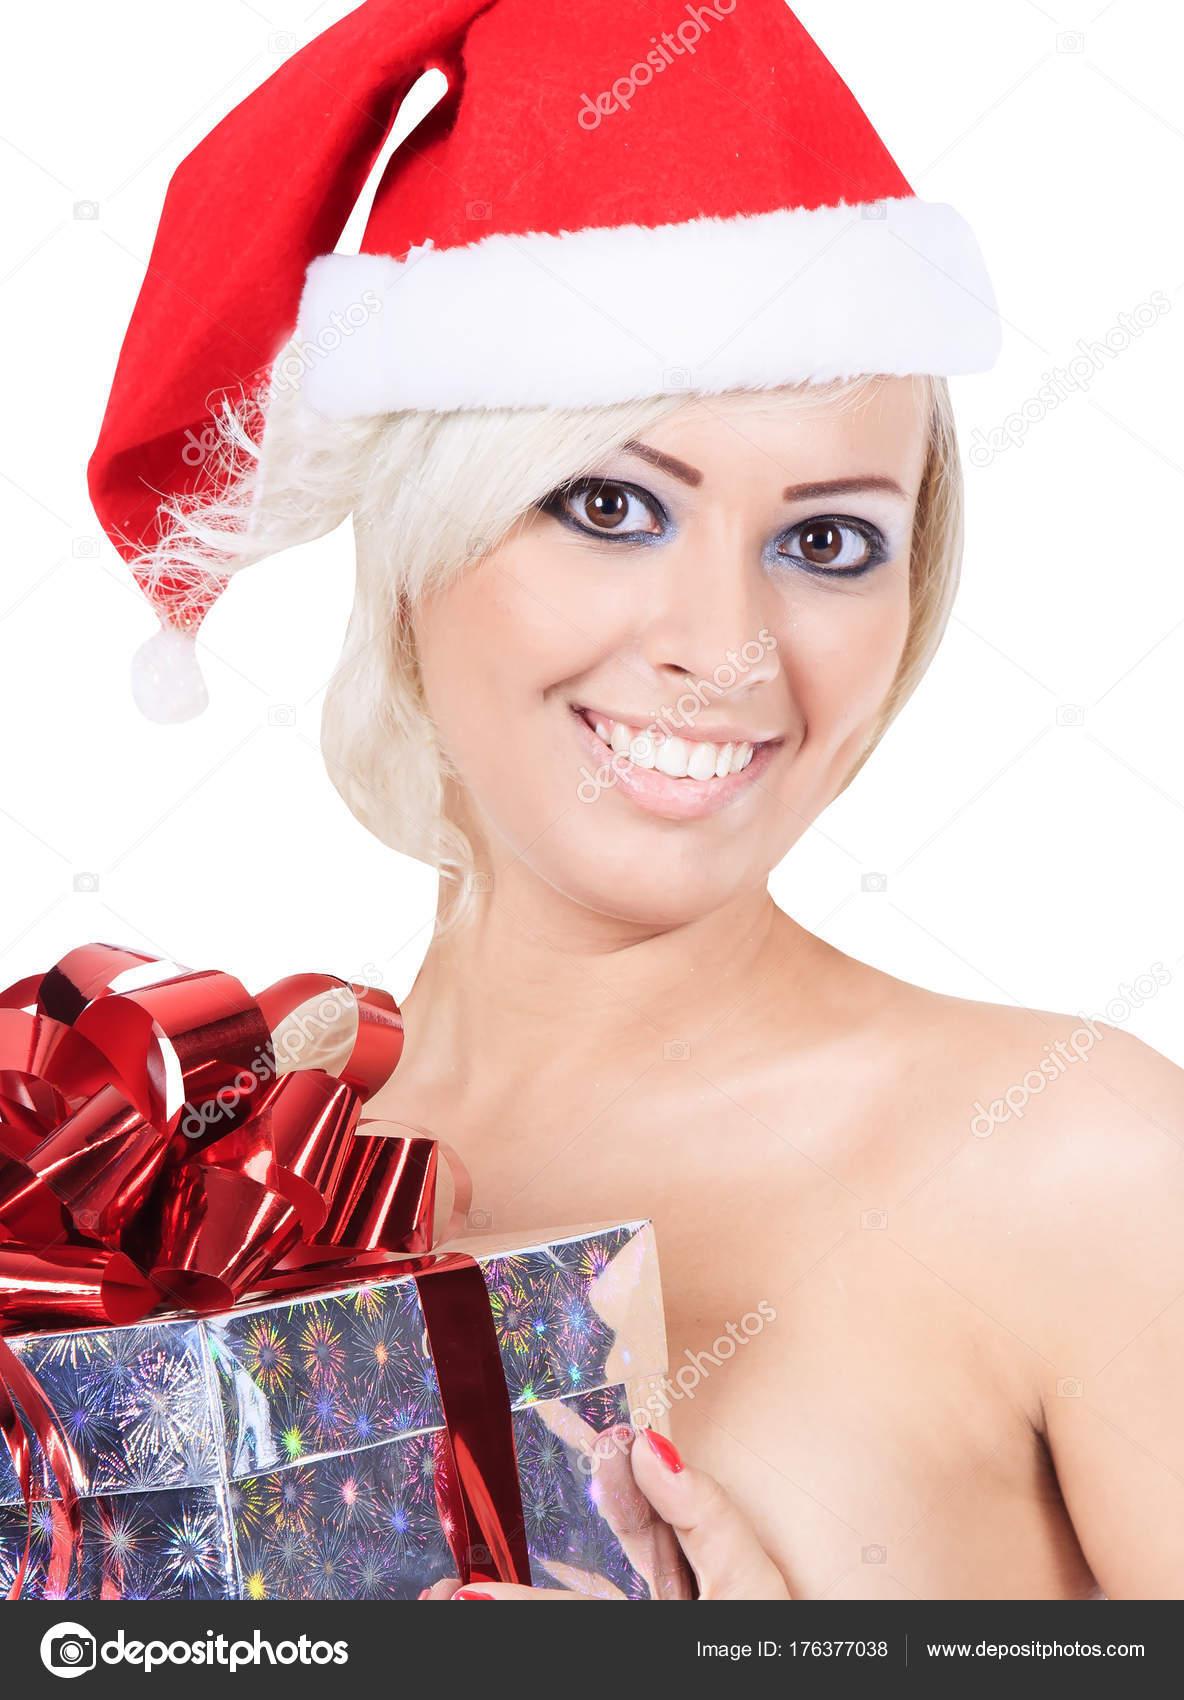 Wunderbar weiblich in Nikolausmütze mit Weihnachtsgeschenk ...